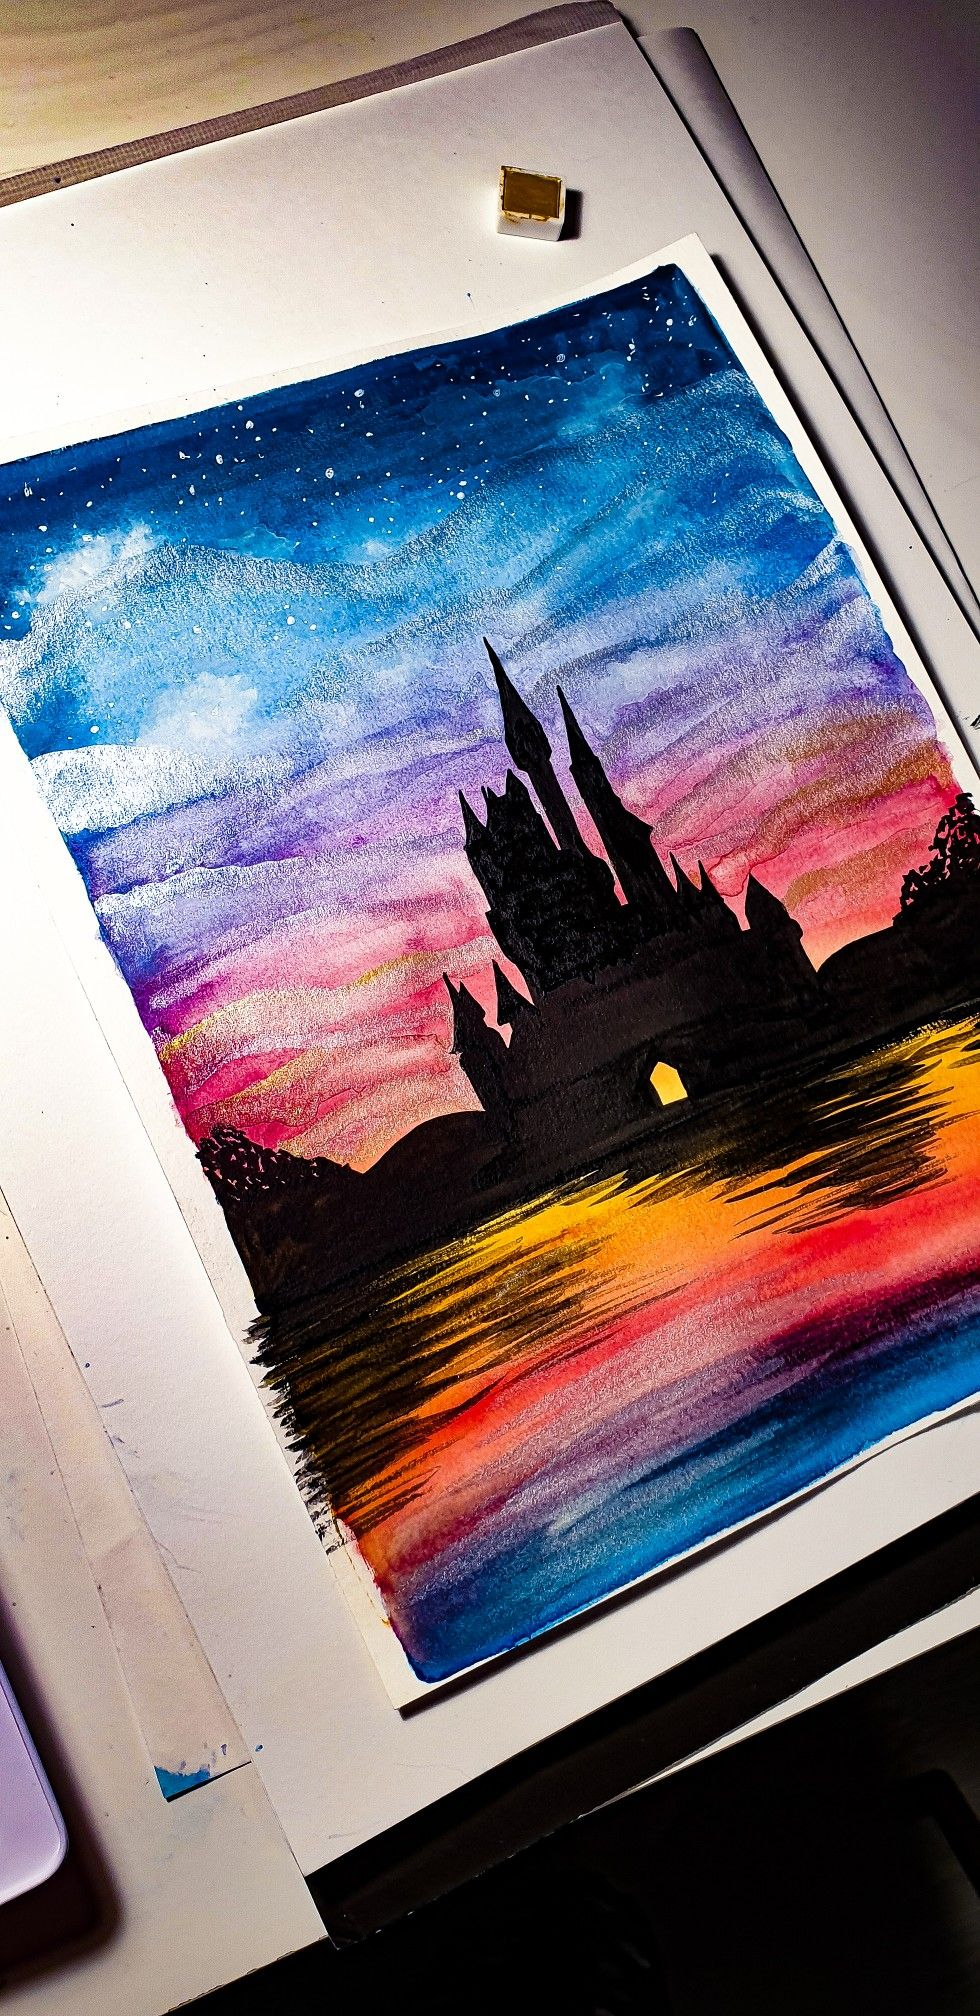 Watercolour Aquarell Aquarelle Aquacolor Draw Drawing Paint